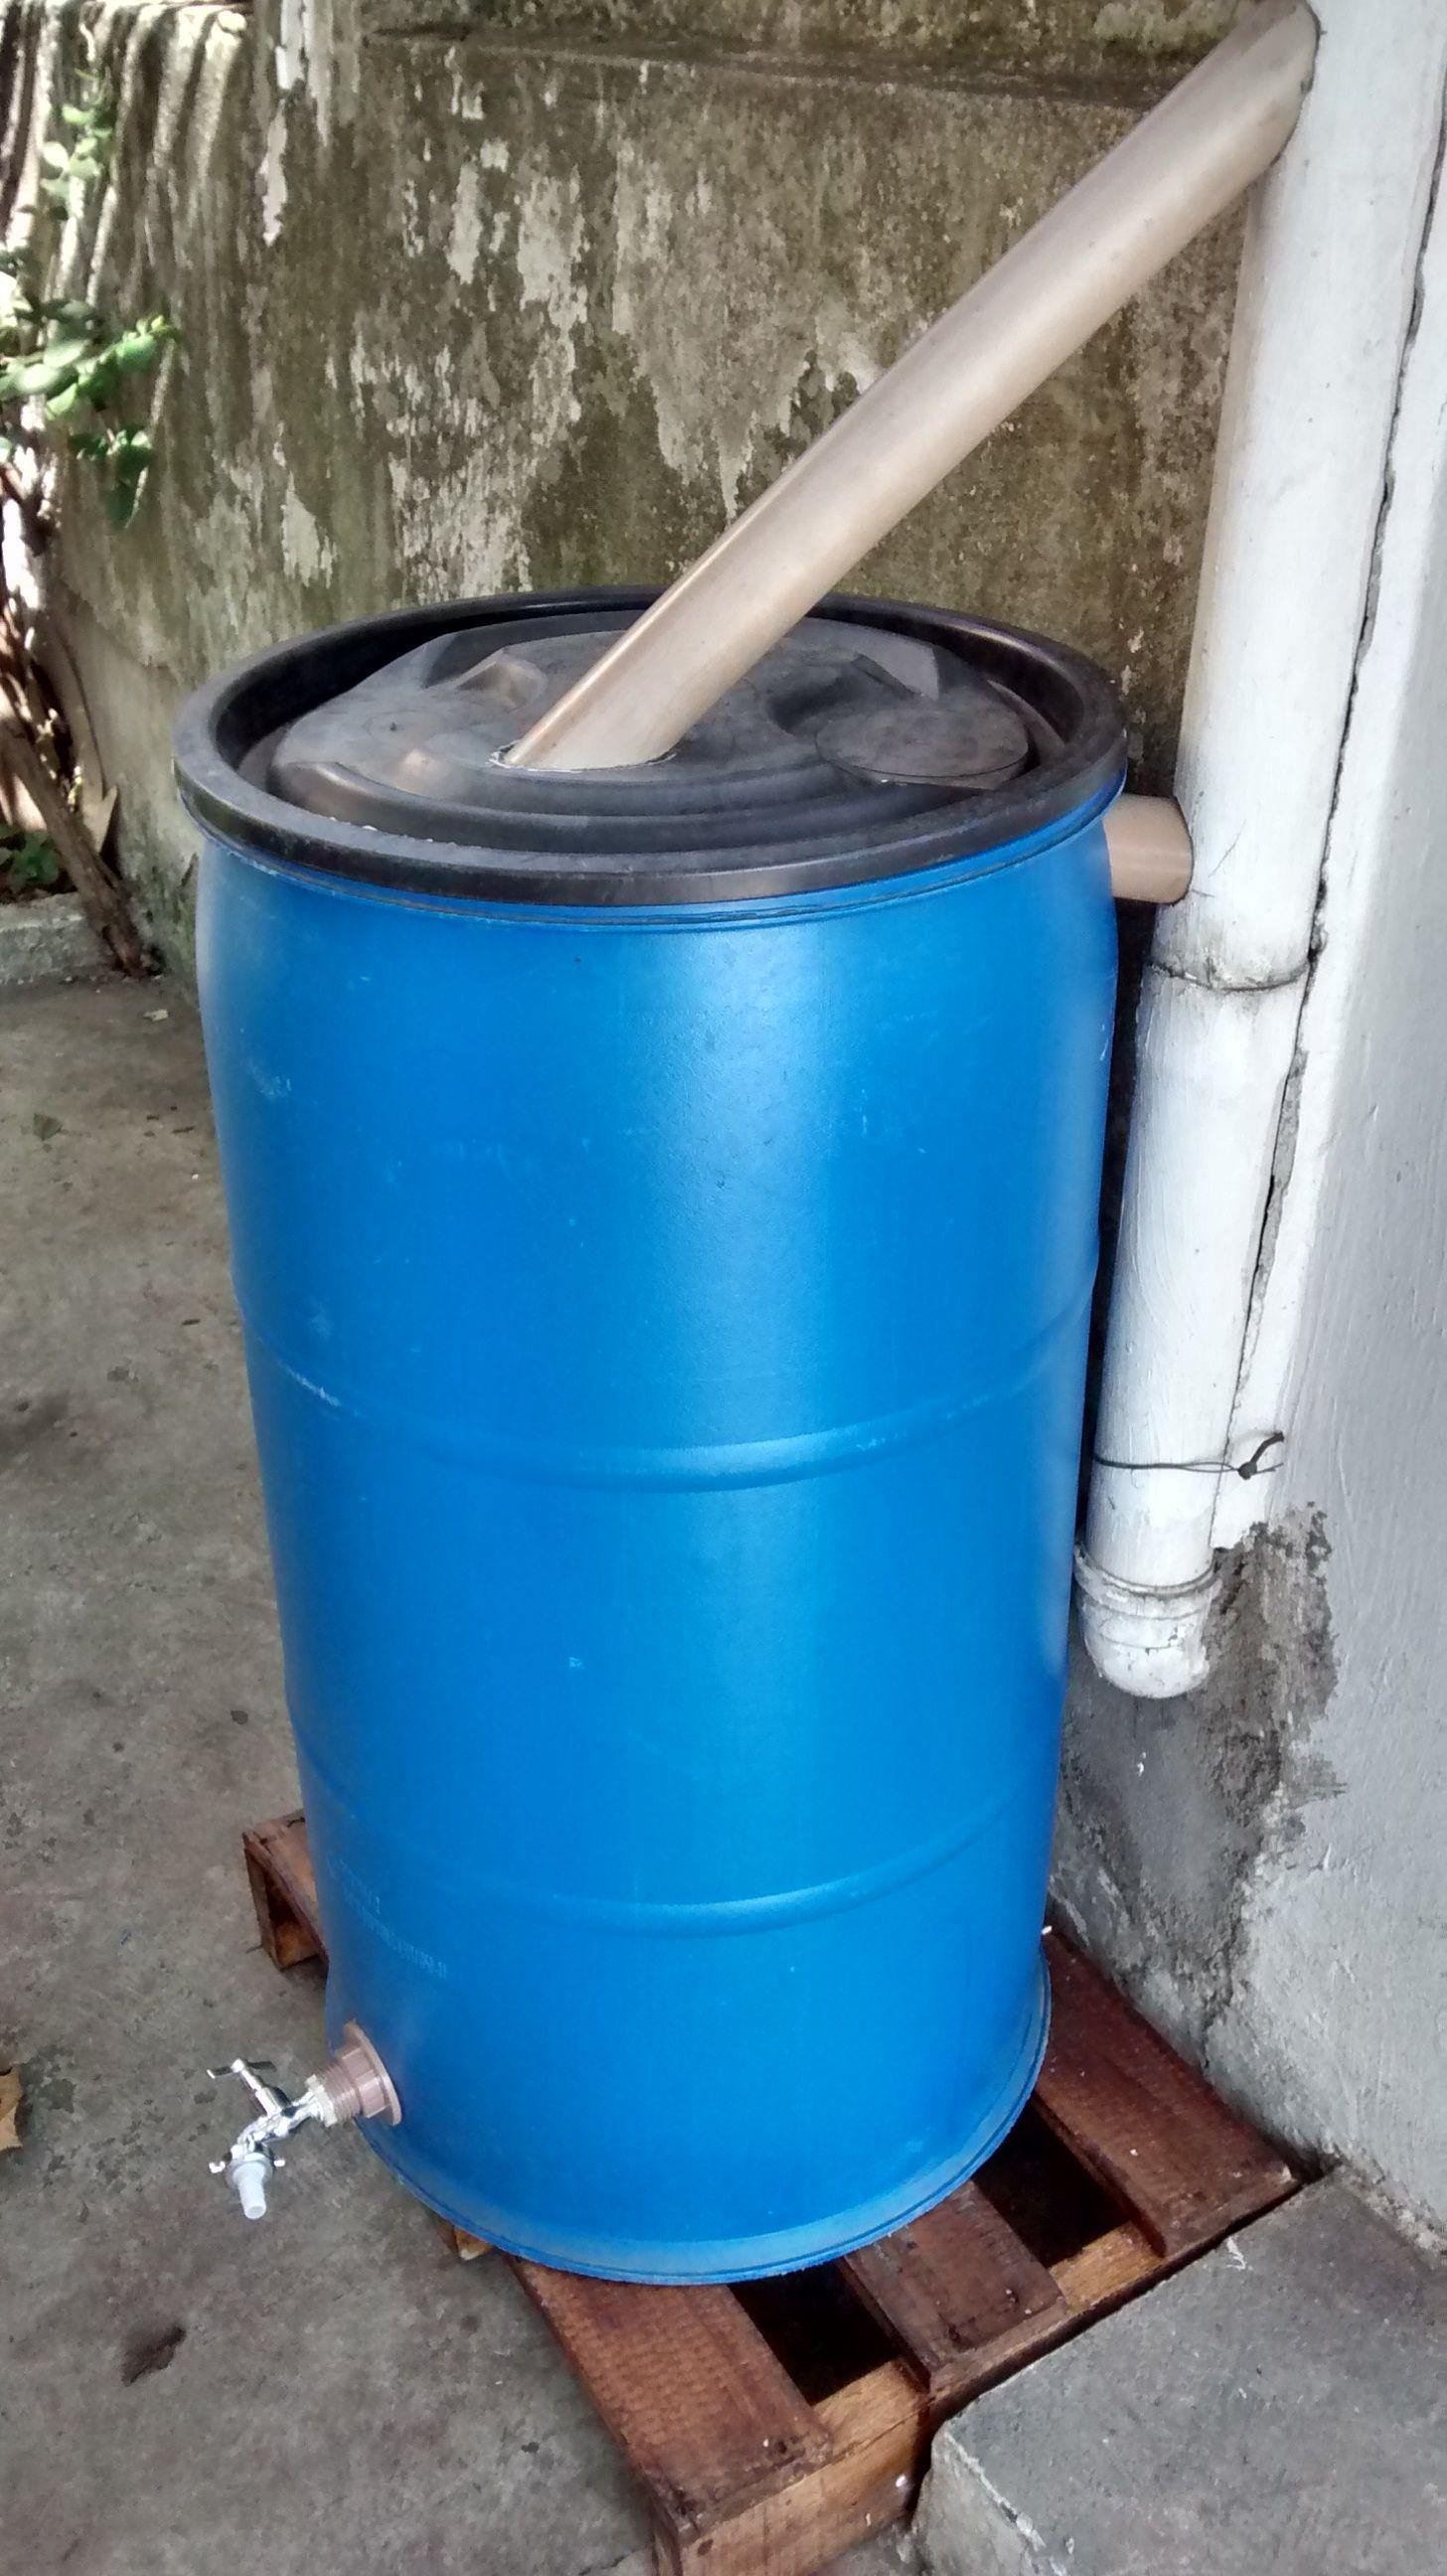 sistema de captação de água da chuva caseiro foto arquivo kampa